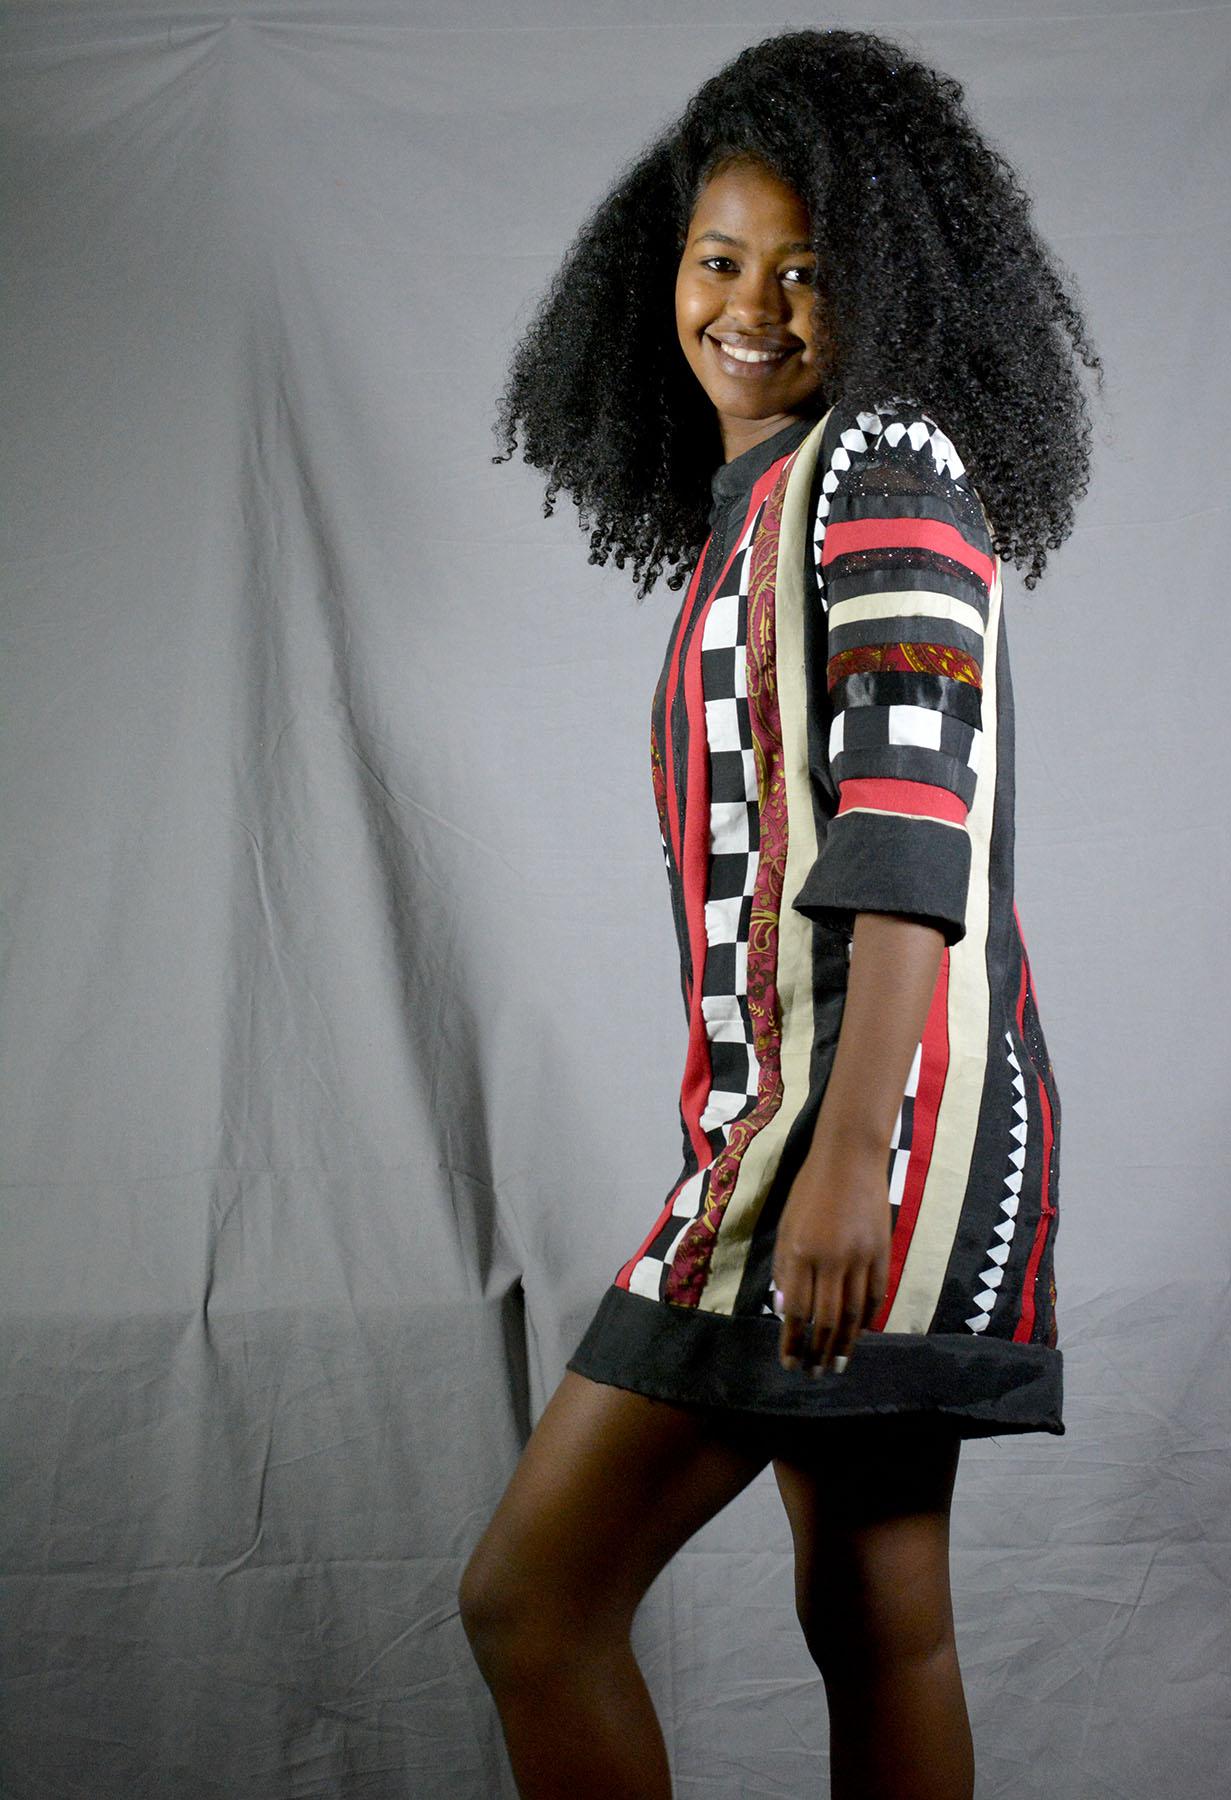 Sara-Mikaelene Thomas dress.jpg